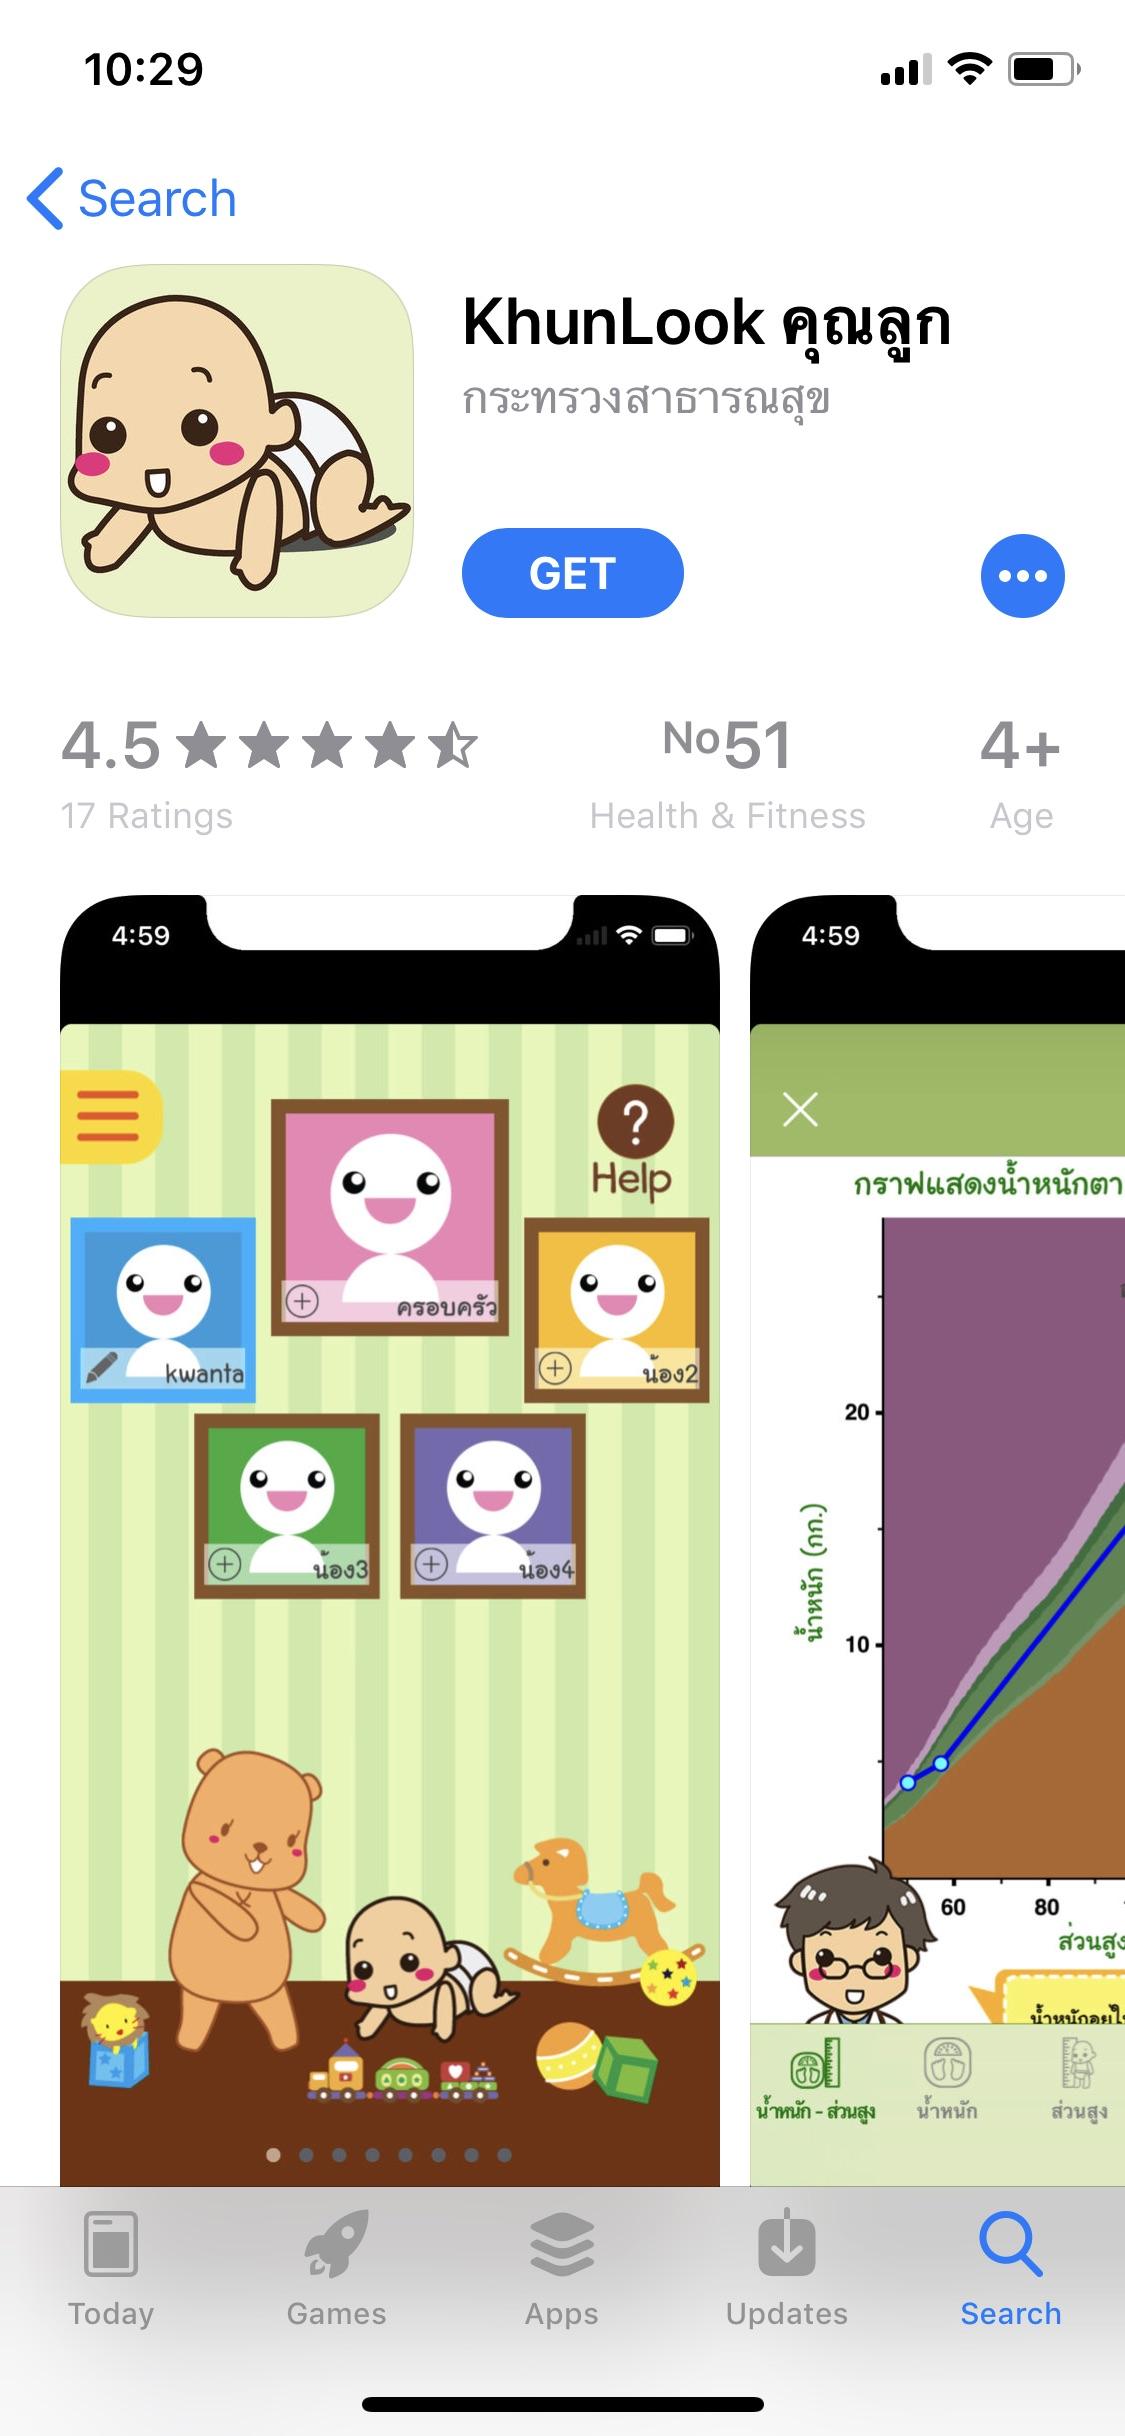 Khunlook App 4